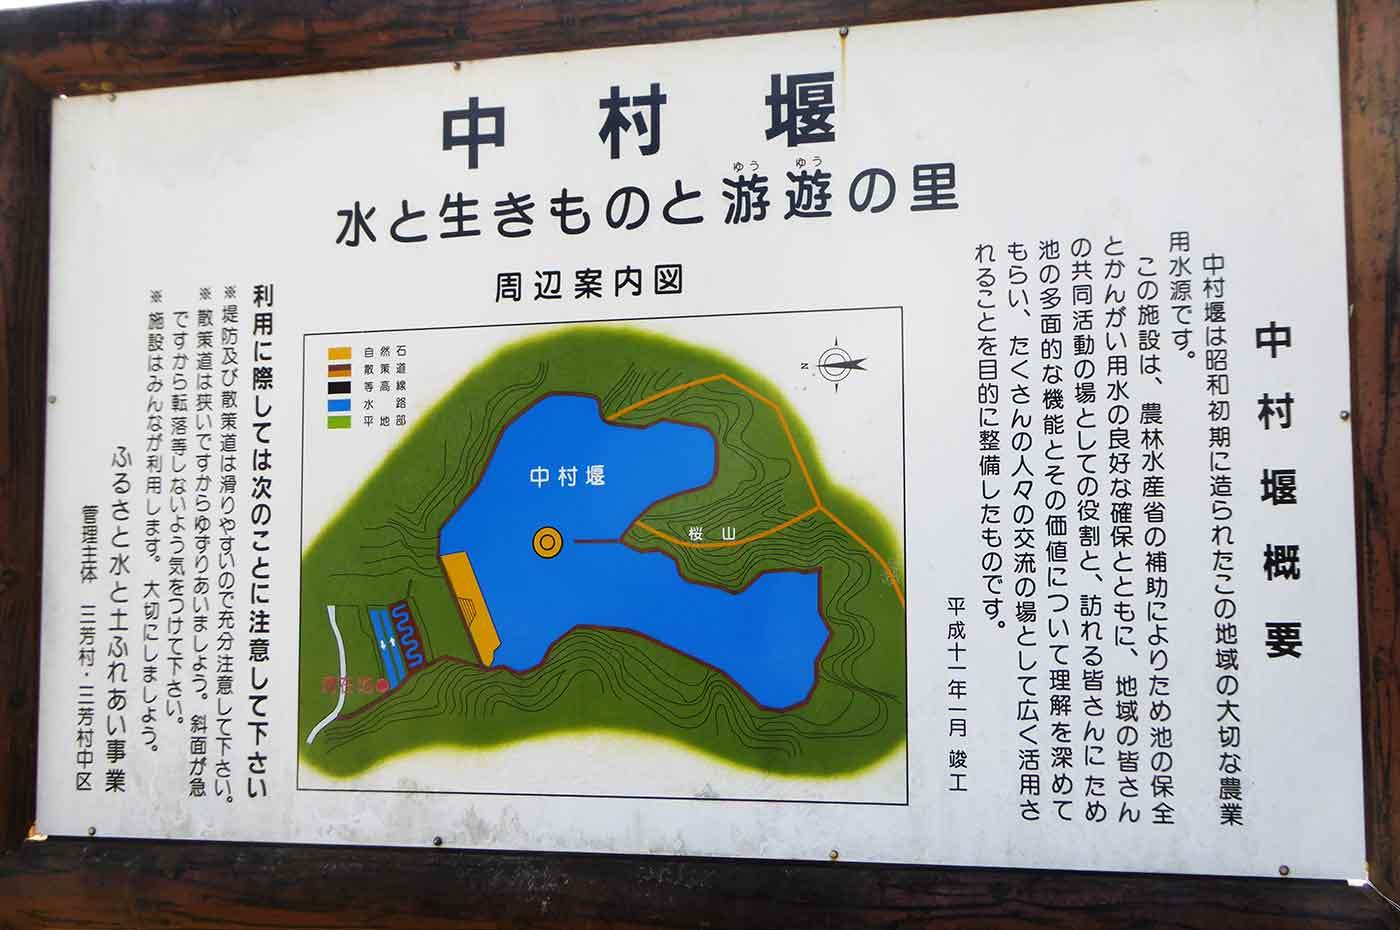 中堰親水公園の 案内板